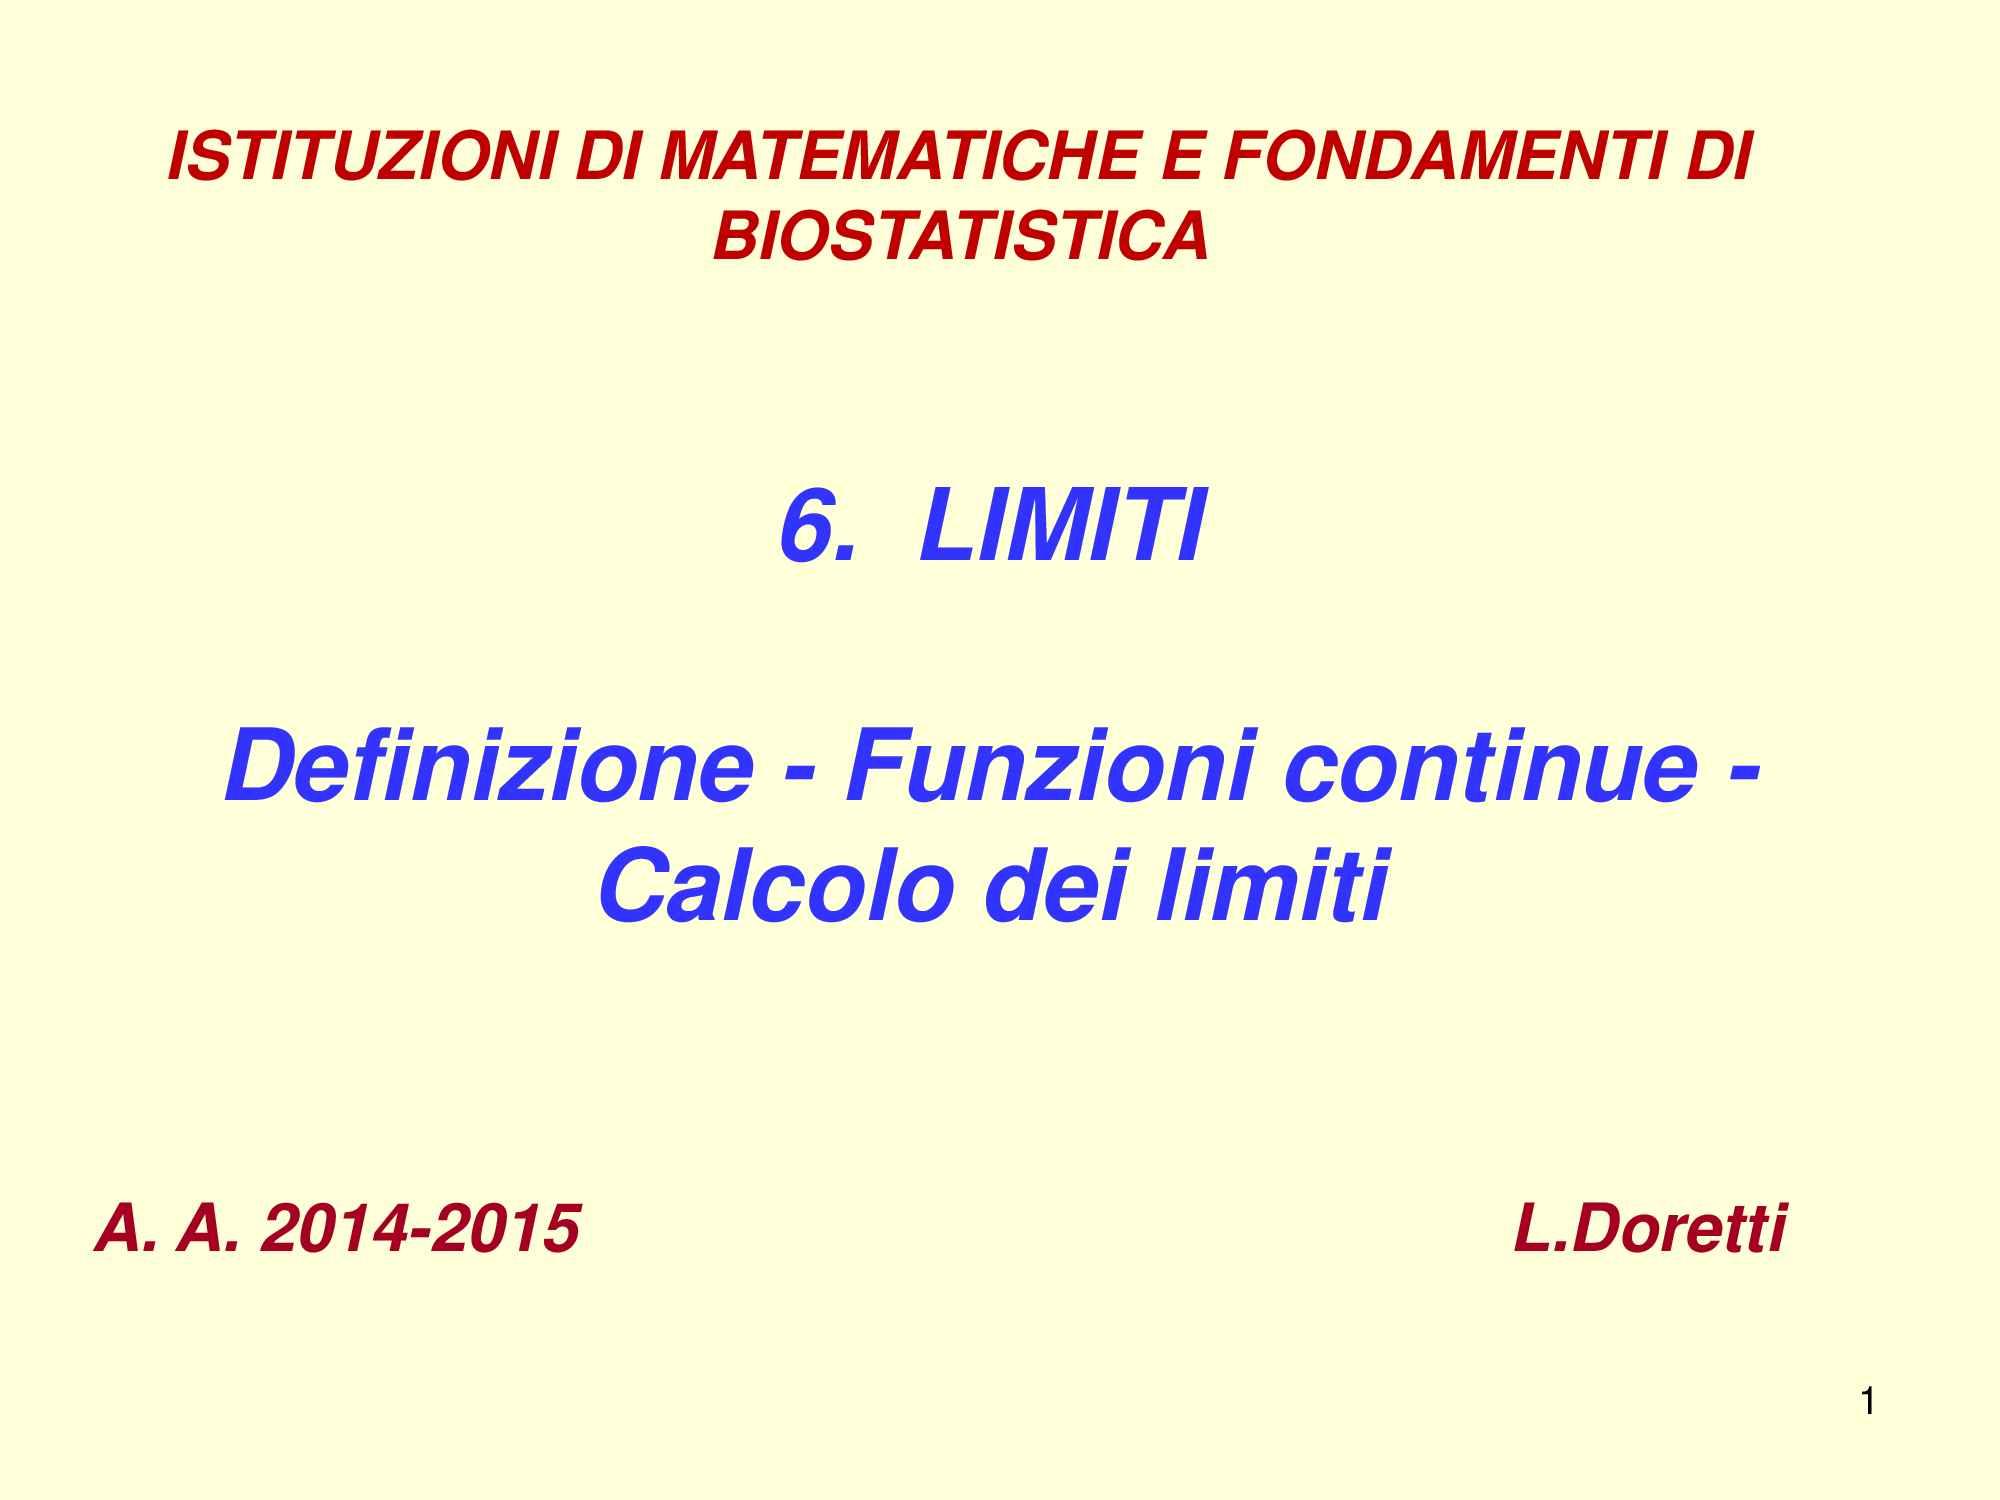 Limiti di funzioni